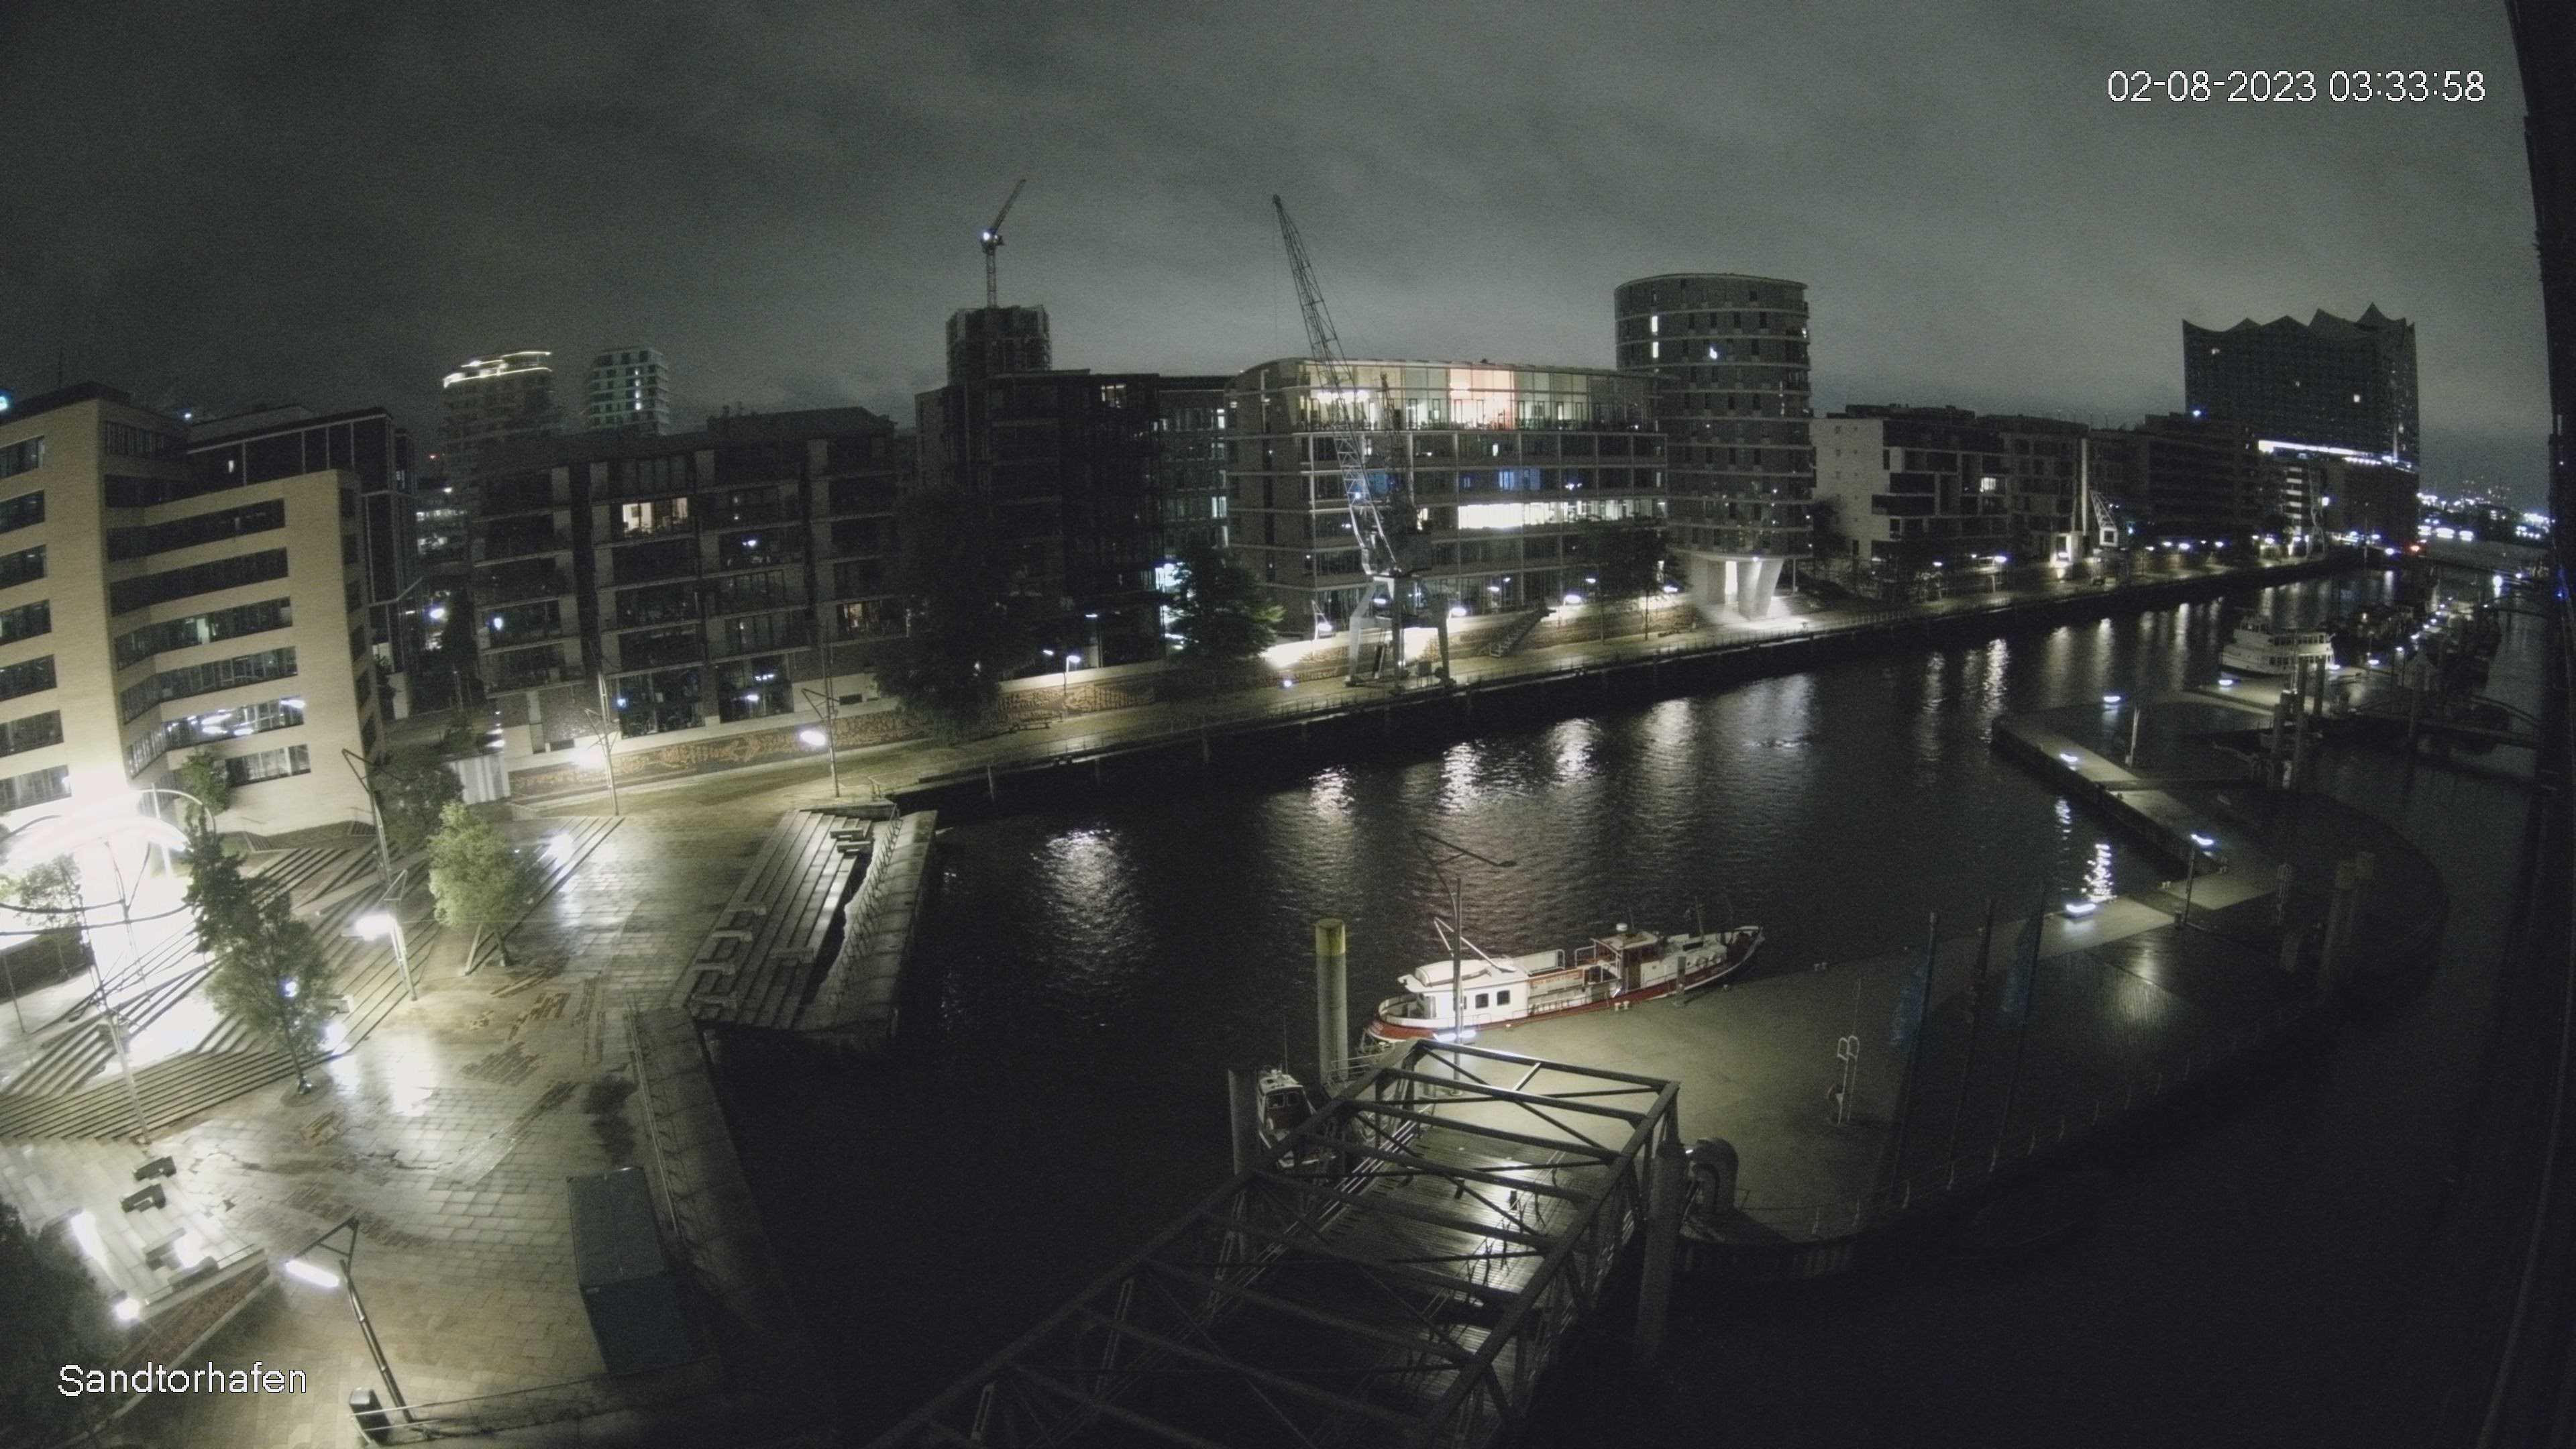 Hamburg Thu. 03:35